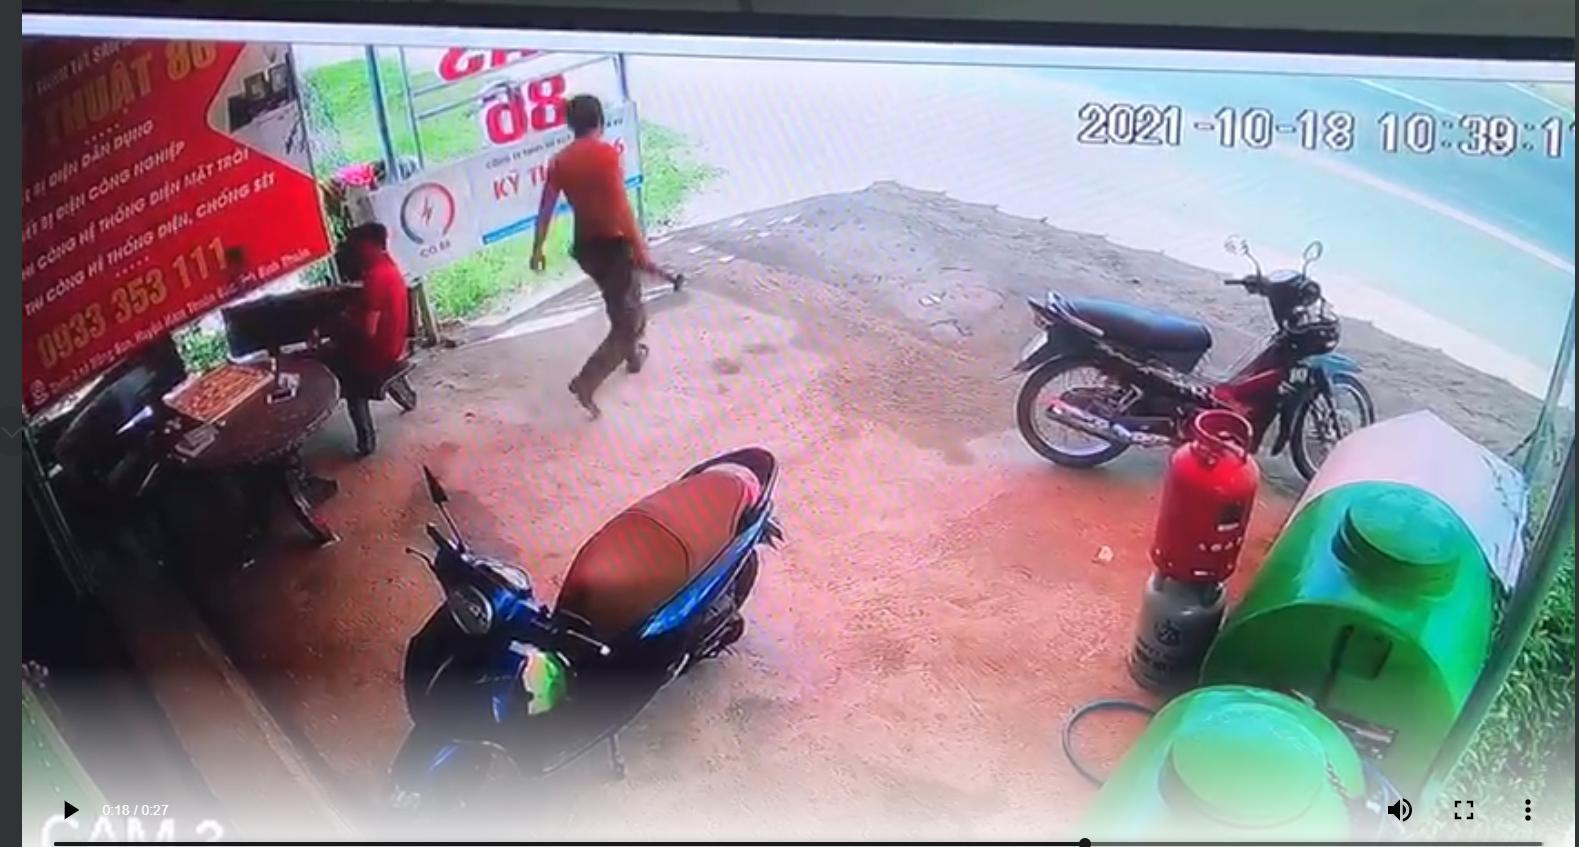 Chủ quán tạp hóa bị gã trai cầm búa đinh đánh chết: Nguyên nhân vì mải chơi cờ chưa kịp bán hàng